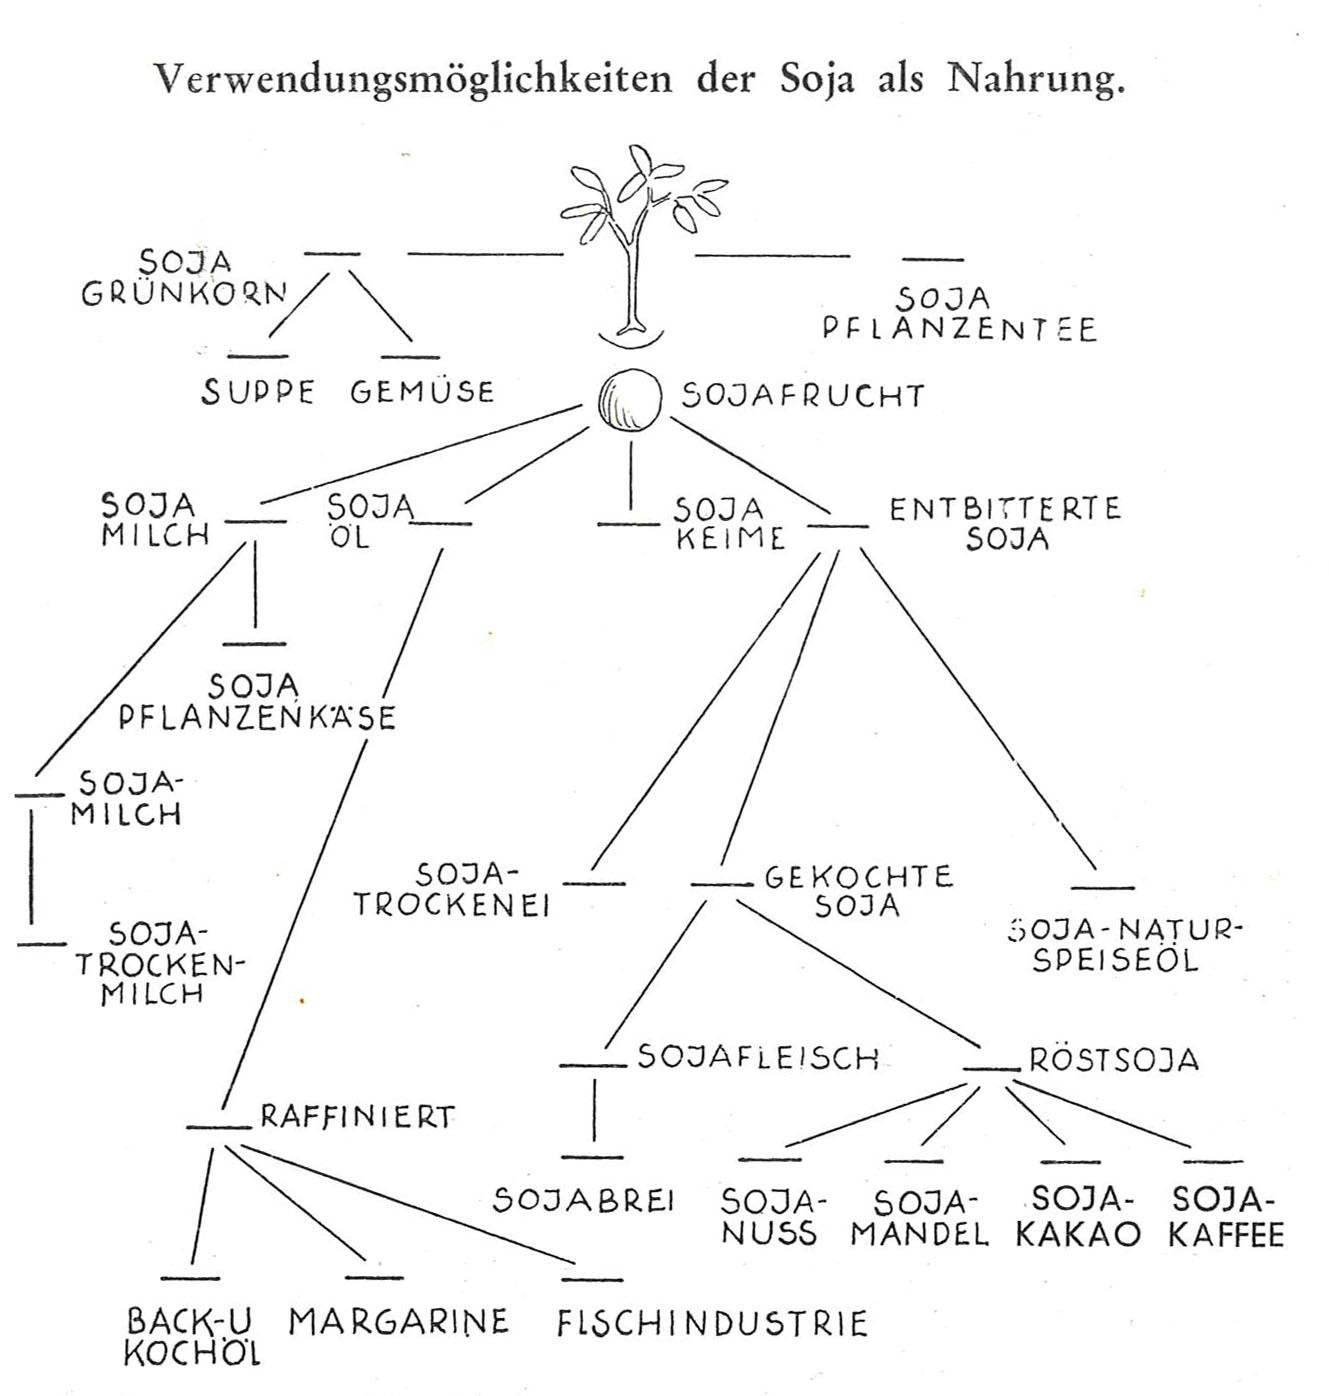 Das Bild zeigt eine historische Grafik, in der verschiedene Soja-Erzeugnisse in einem Astdiagramm miteinander in Beziehung gesetzt werden. Zum Beispiel ist Sojamilch mit Sojapflanzenkäse verknüpft und dann wieder Sojamilch und Sojatrockenmilch. Die Produkte reichen bis hin zu Sojafleisch und Sojakaffee.